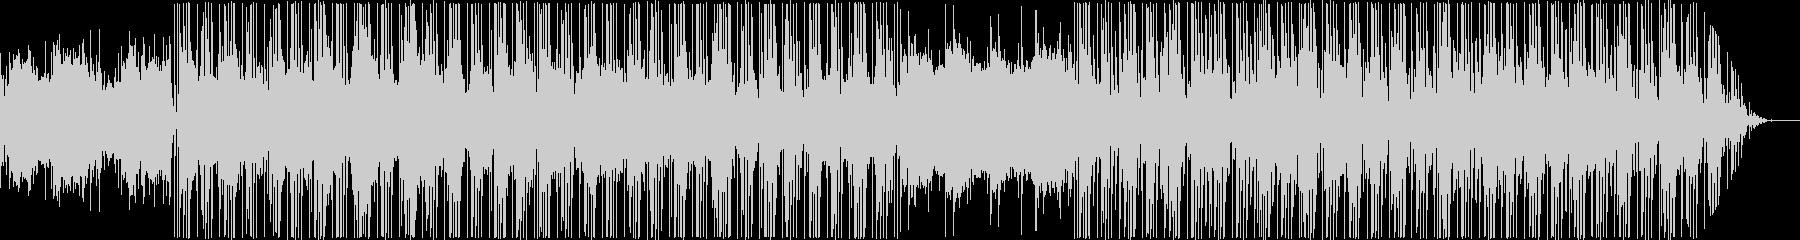 アジアンテイストのヒップホップの未再生の波形